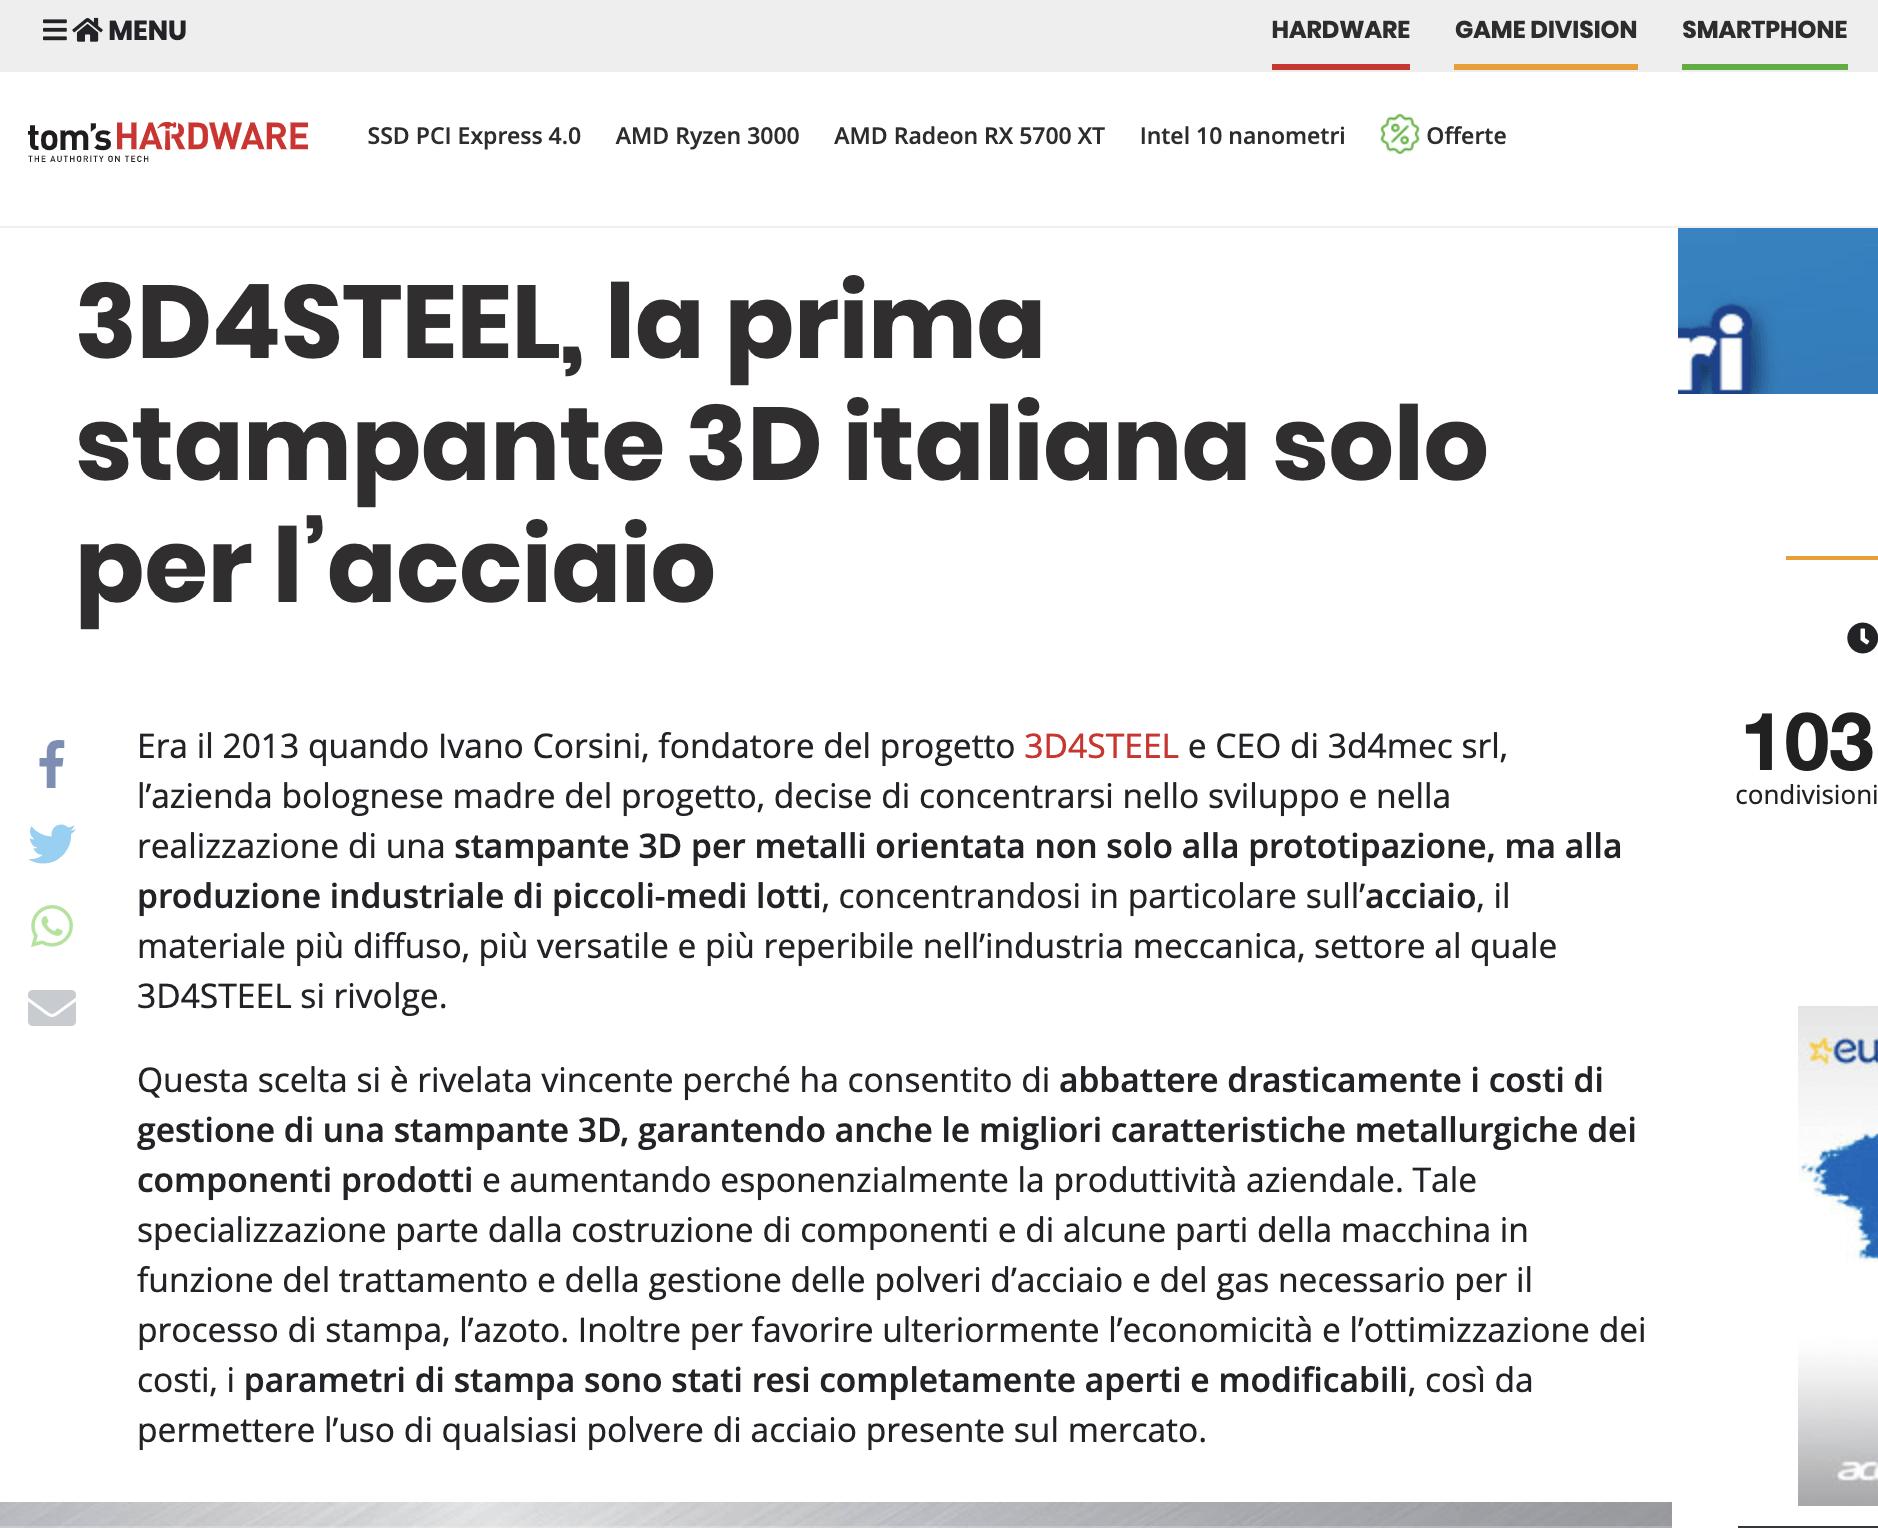 [Tom's Hardware] 3D4STEEL, la prima stampante 3D italiana solo per l'acciaio